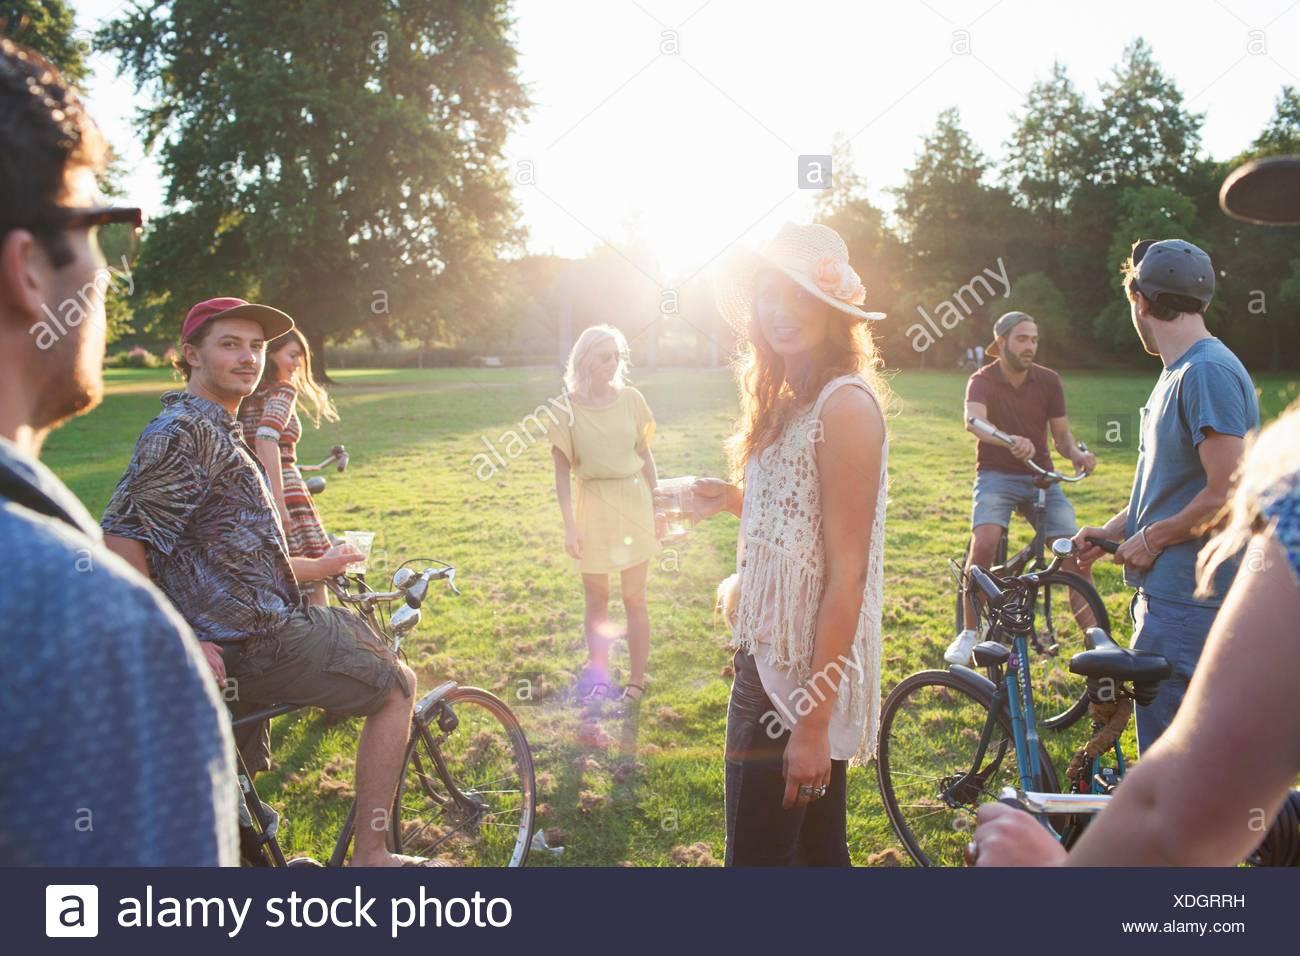 Groupe d'adultes va arriver au parc à vélos au coucher du soleil Photo Stock